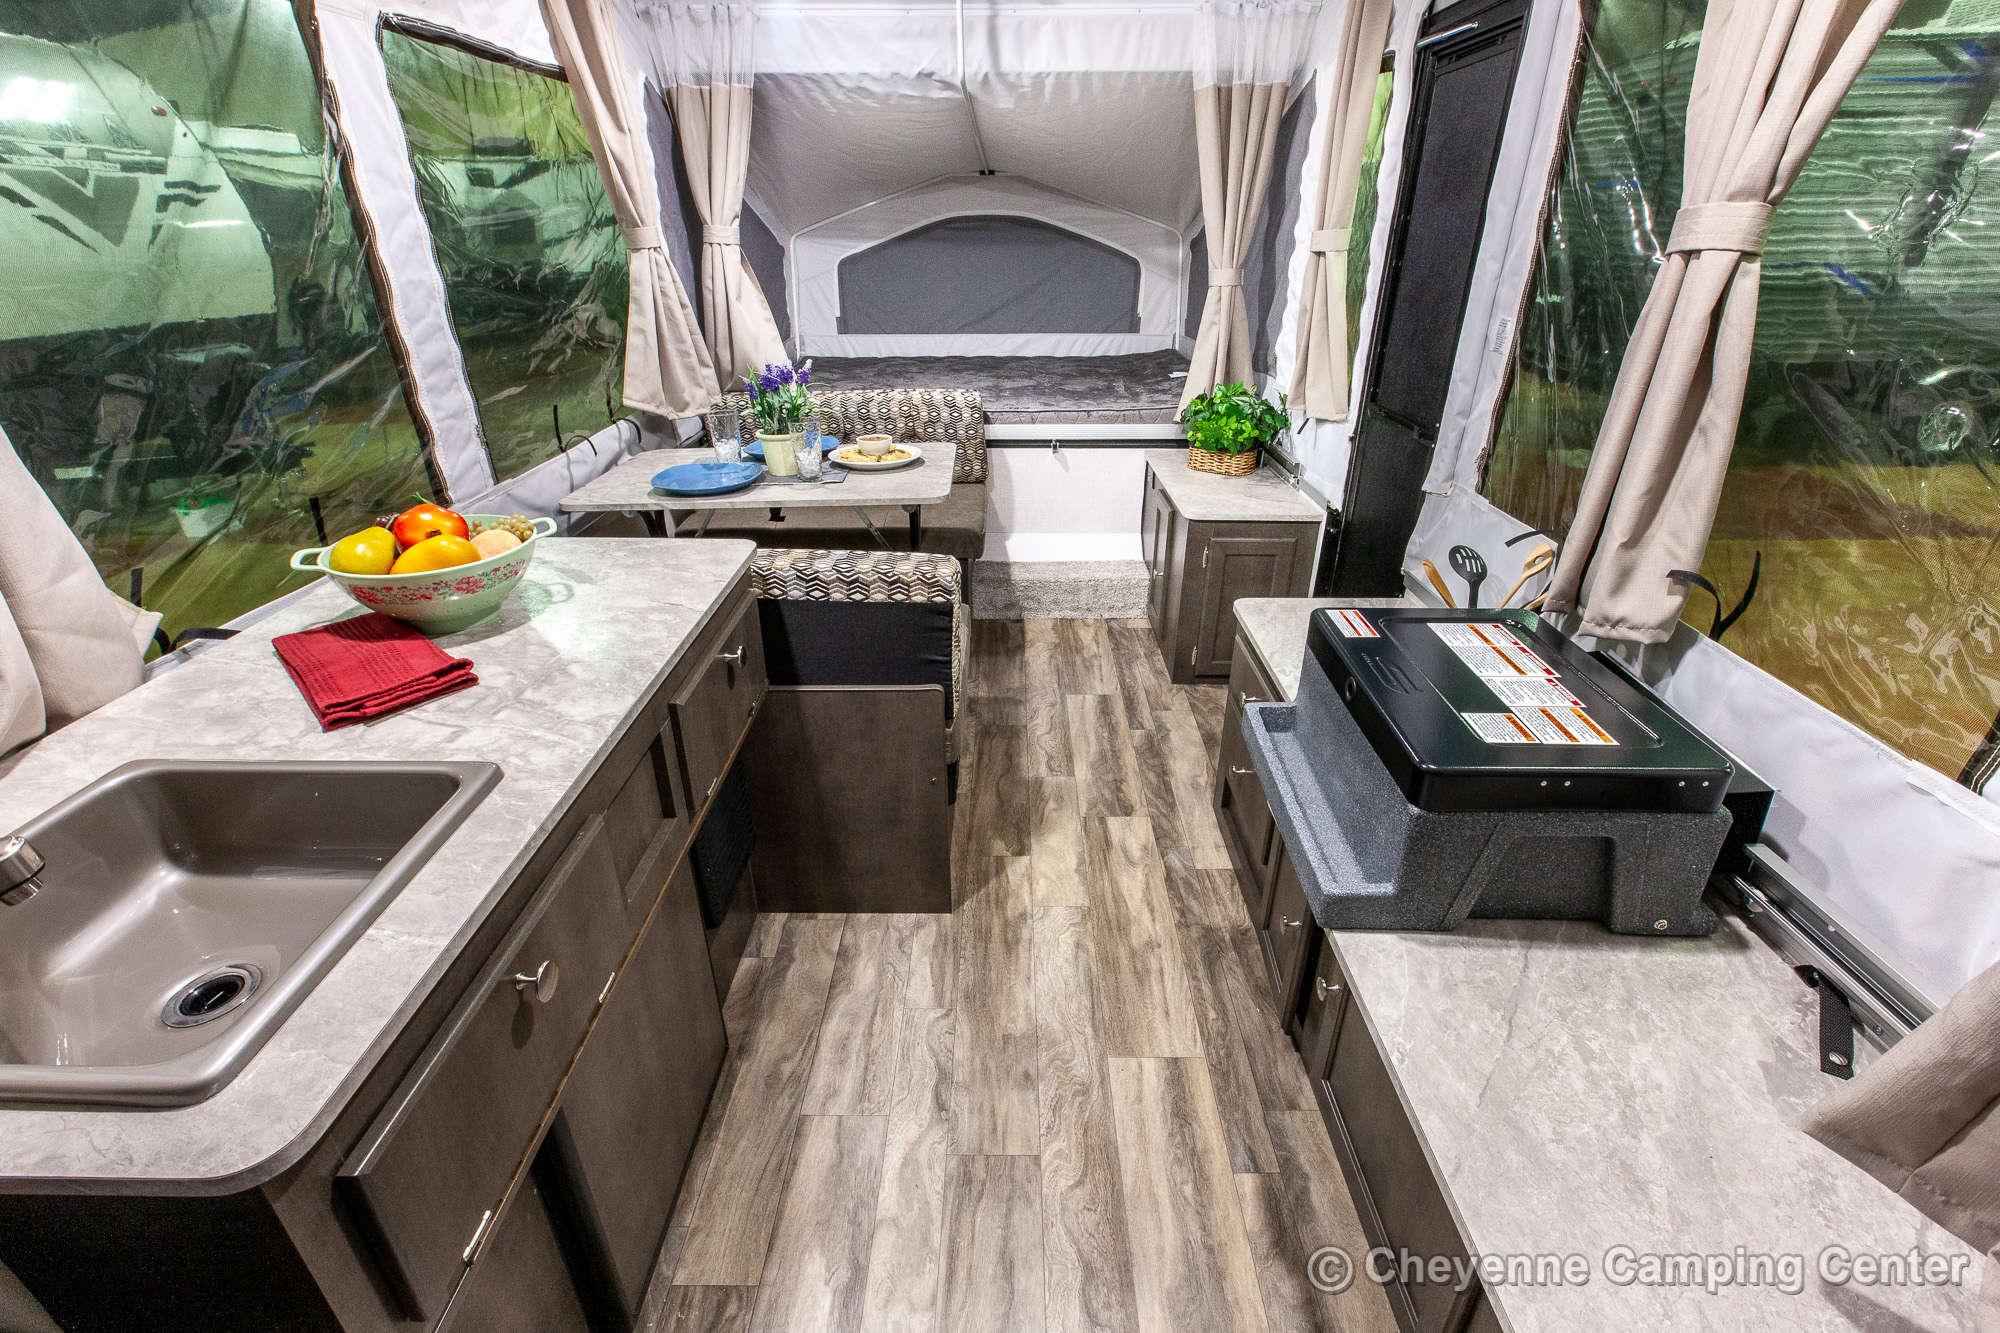 2021 Forest River Flagstaff LTD 206LTD Folding Camper Interior Image